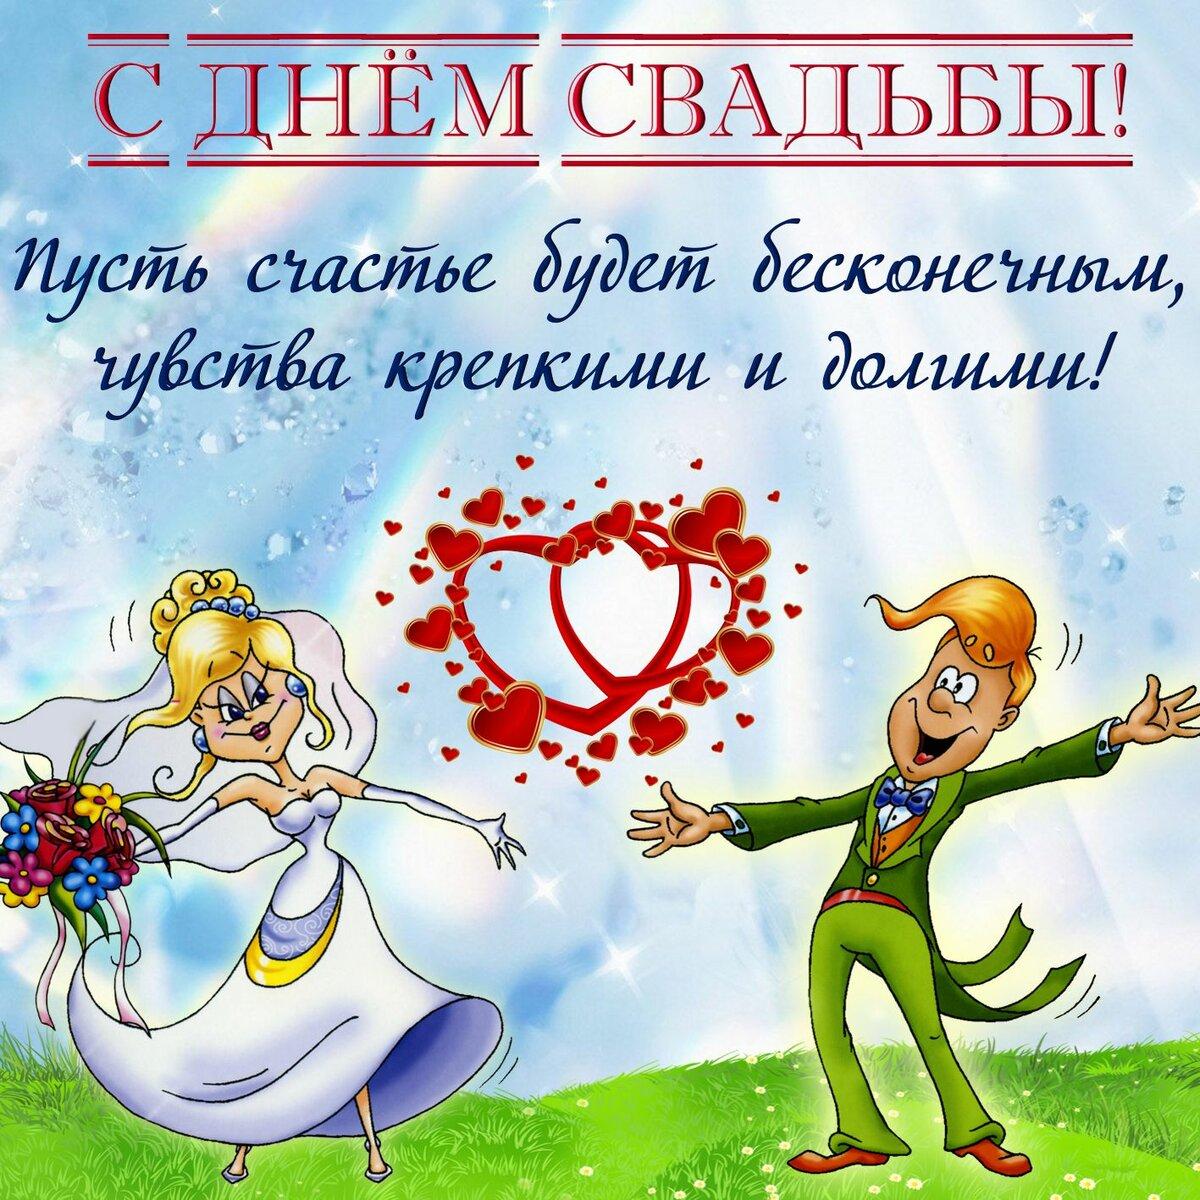 Прикольные поздравления на свадьбы в стихах